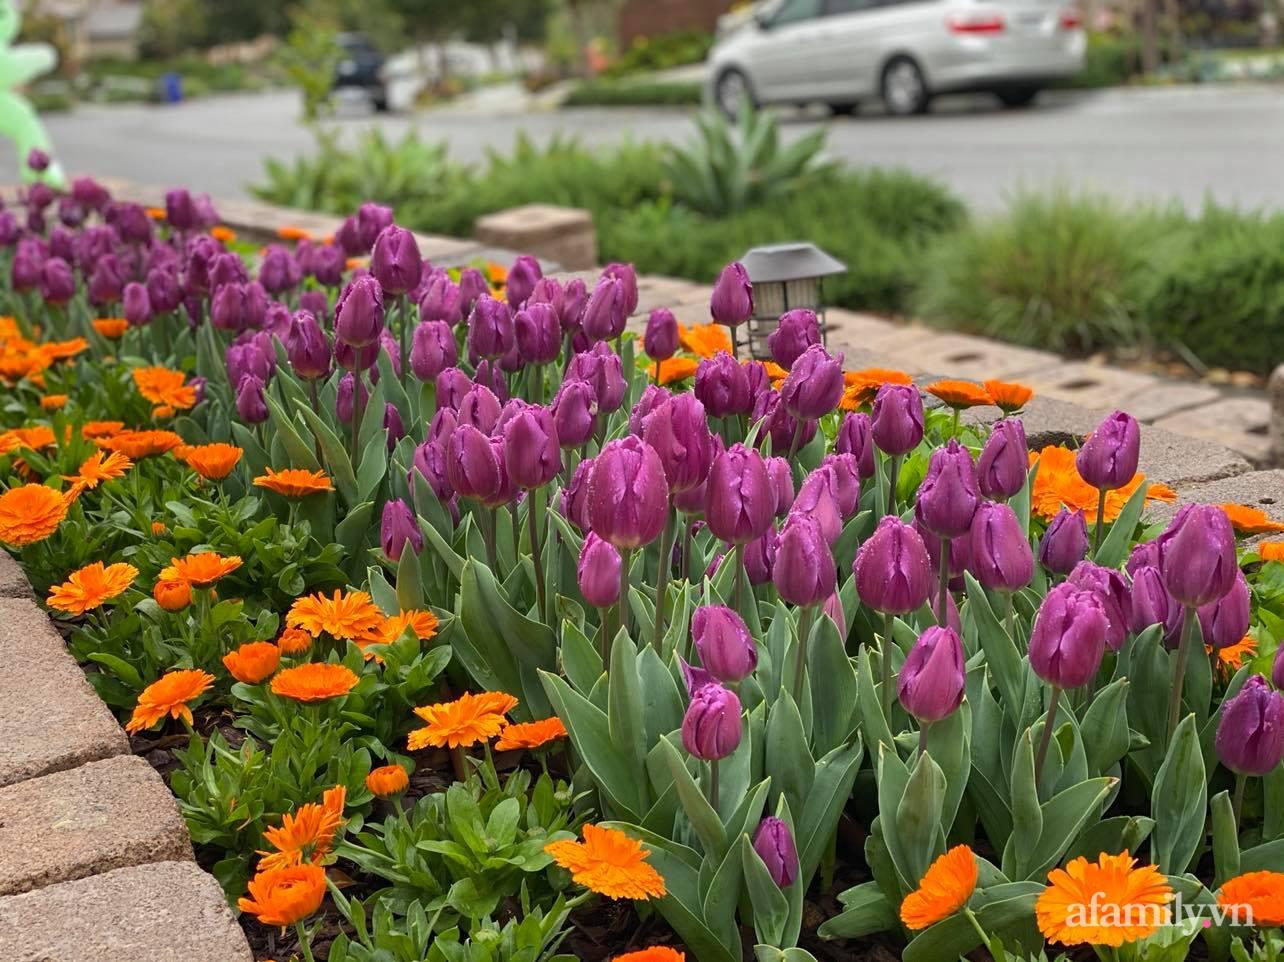 Khu vườn 750m² muôn hoa khoe sắc tỏa hương của mẹ Việt thức đêm chăm cây ở Mỹ - Ảnh 5.